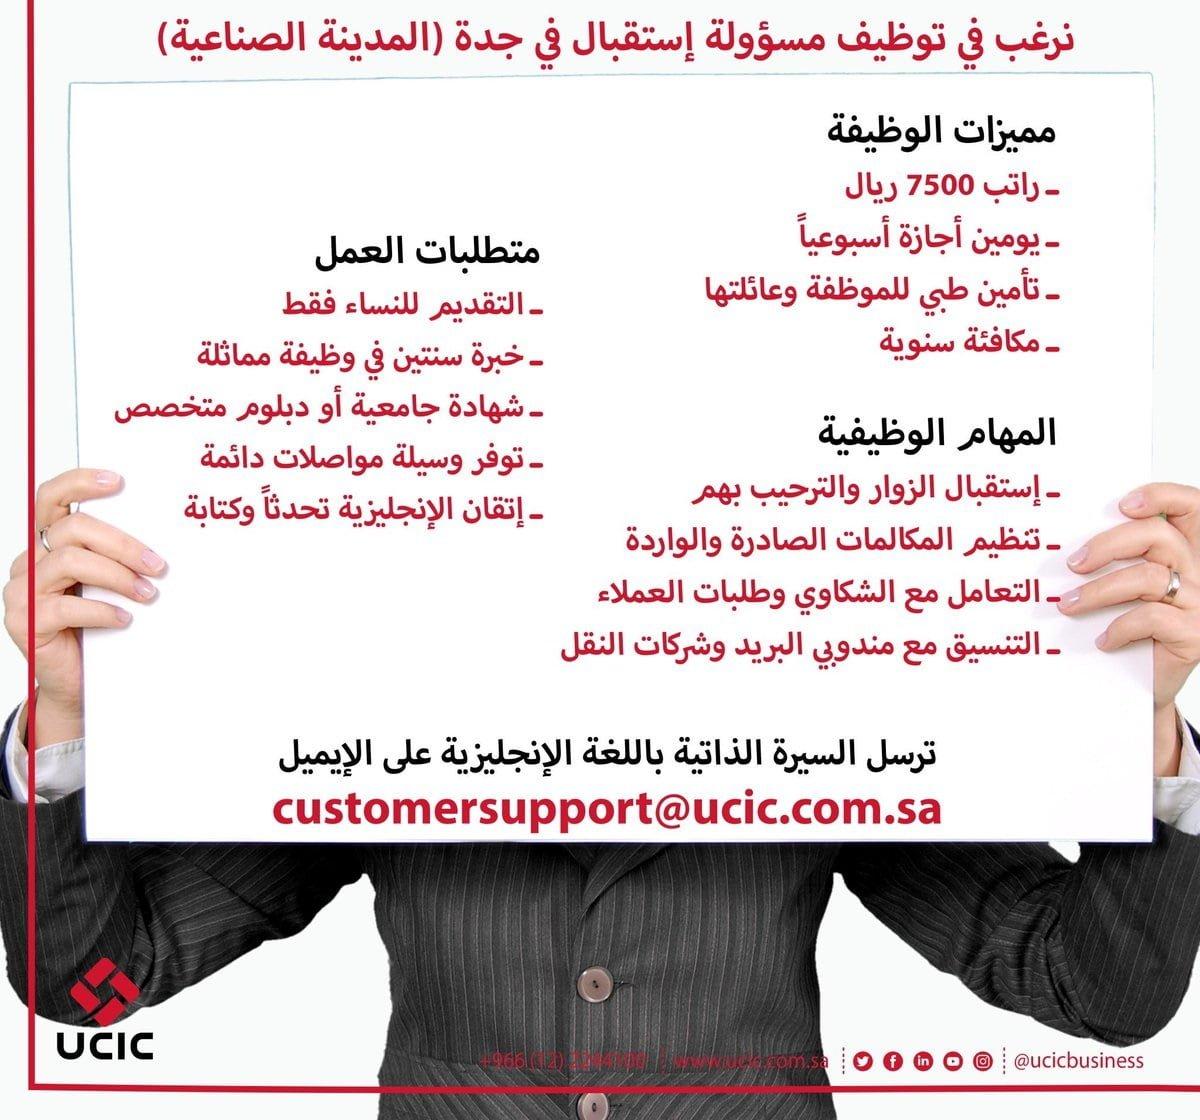 وظائف شاغرة بمجال الاستقبال بمحافظة جدة لدى الشركة المتحدة لصناعات الكرتون 3